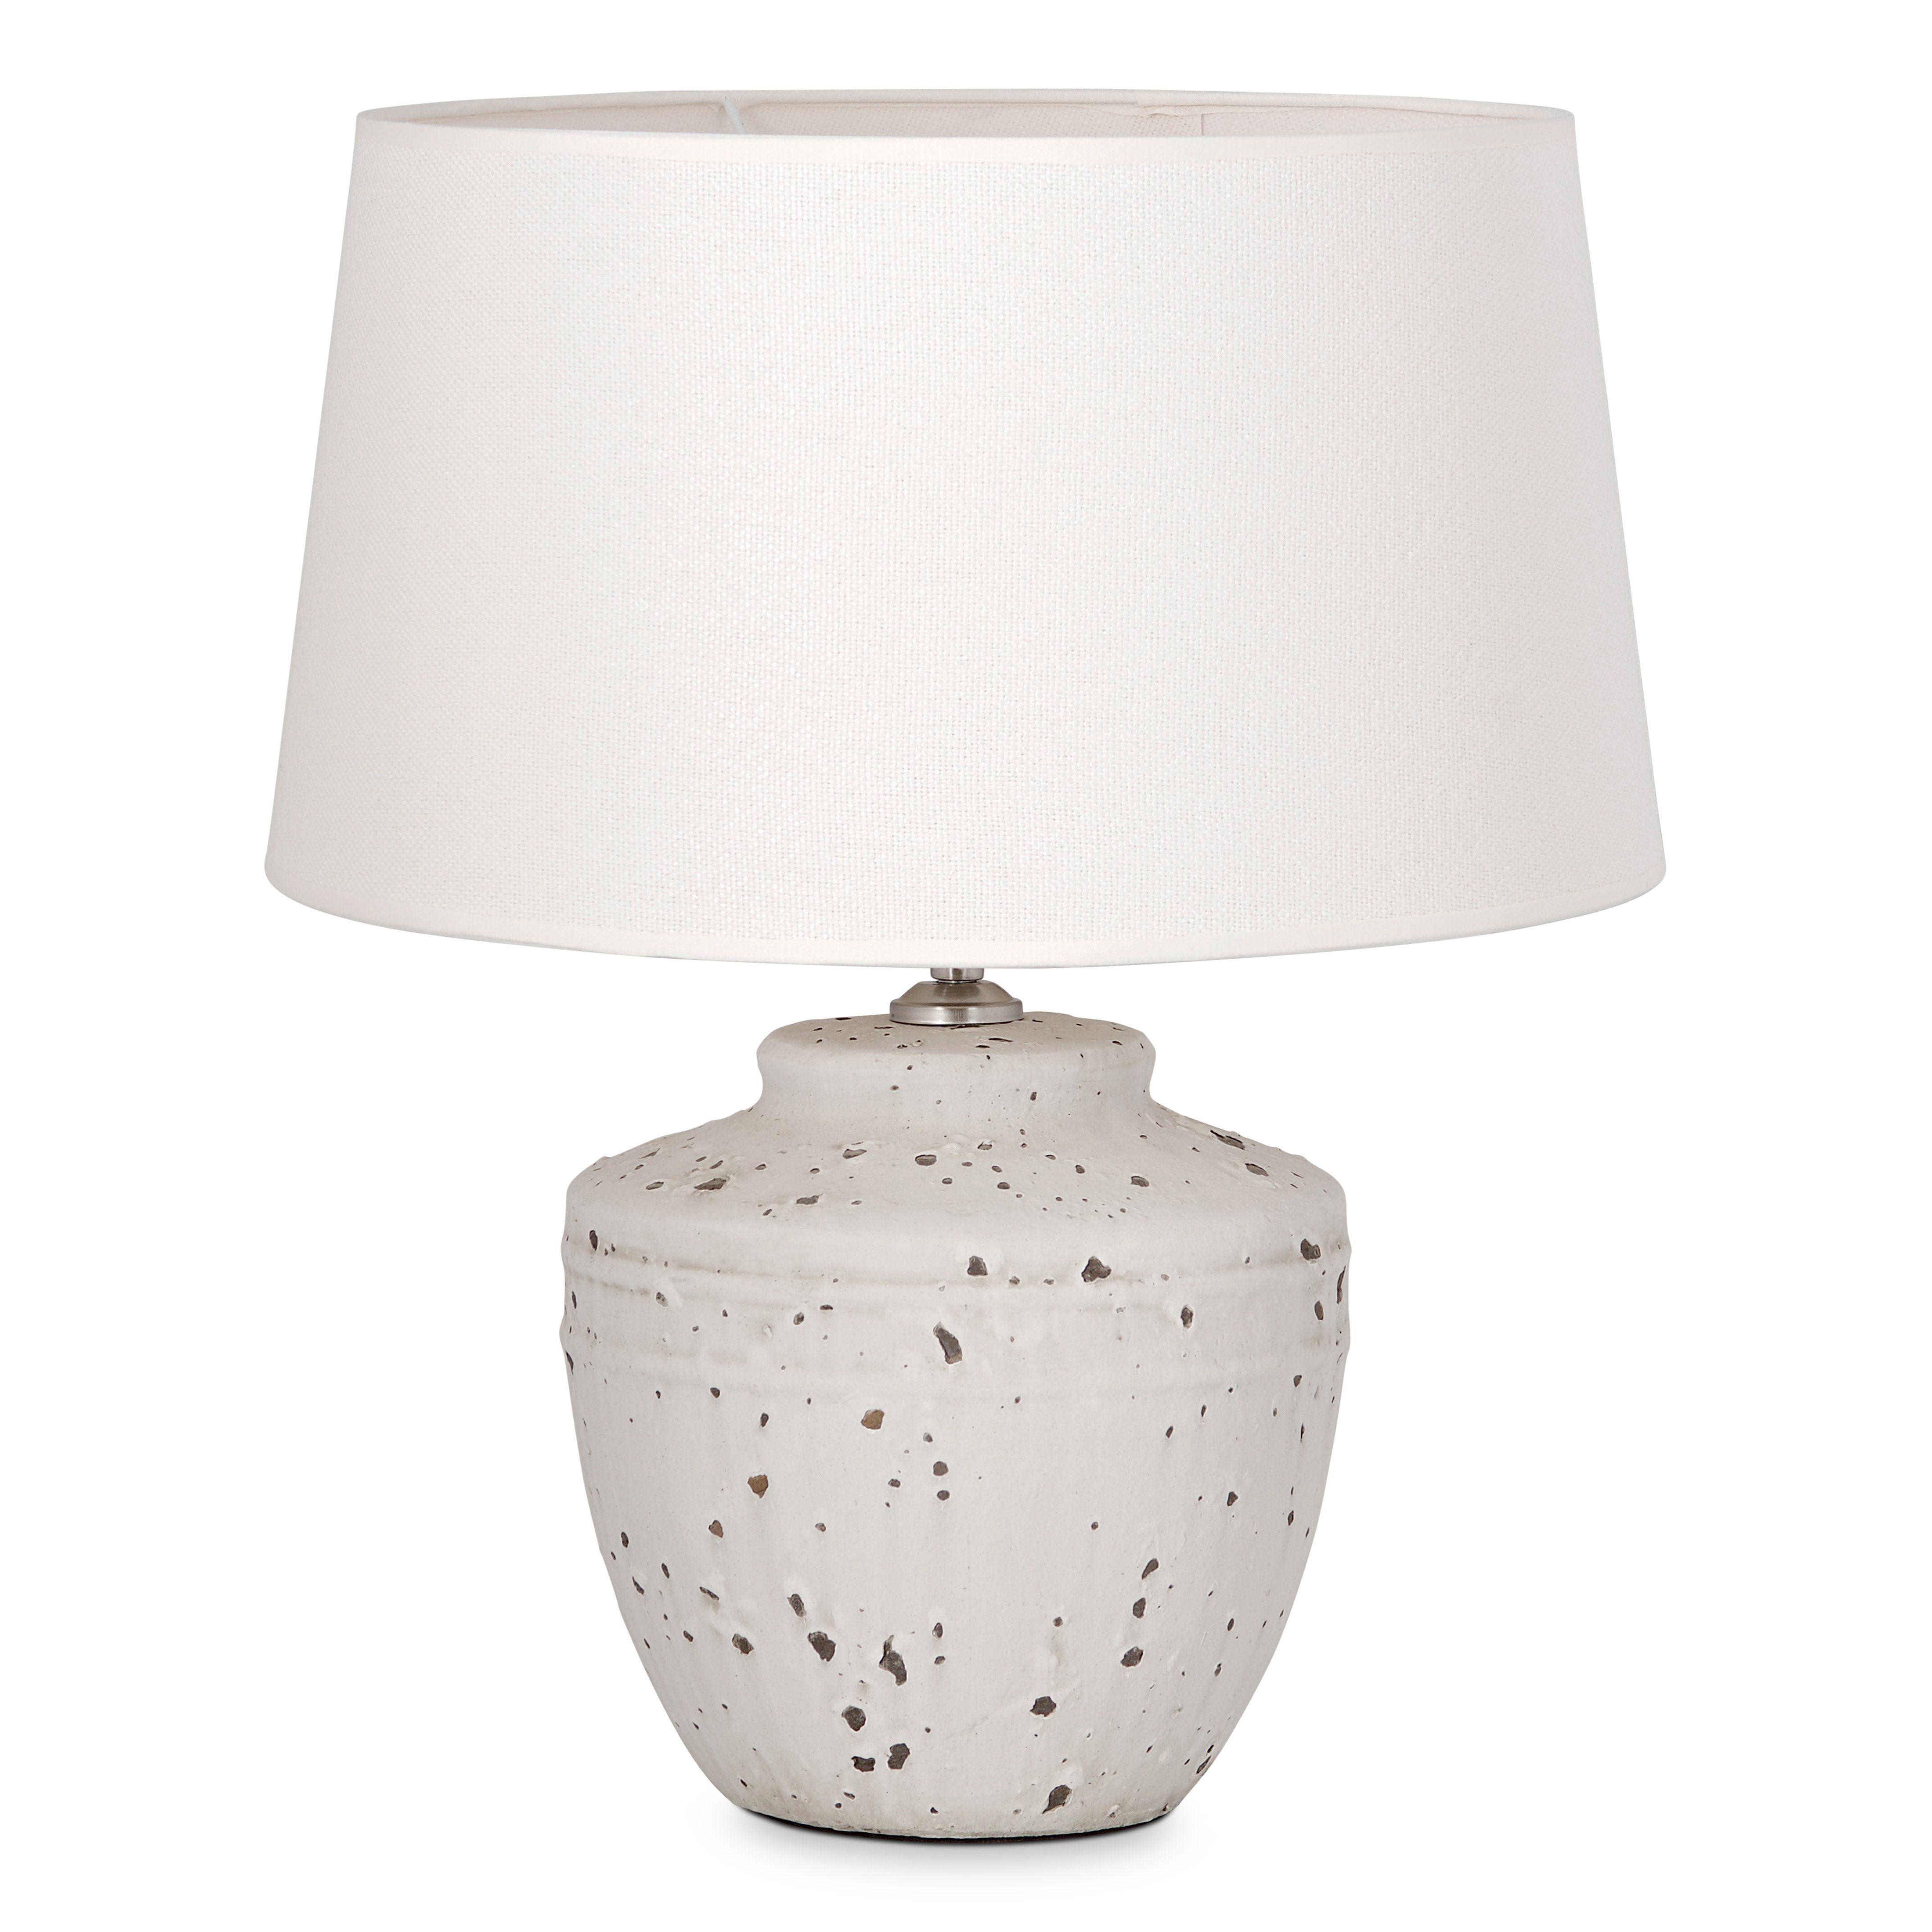 Home sweet home tafellamp Lina - beton - keramiek met lampenkap Melrose - warmwit